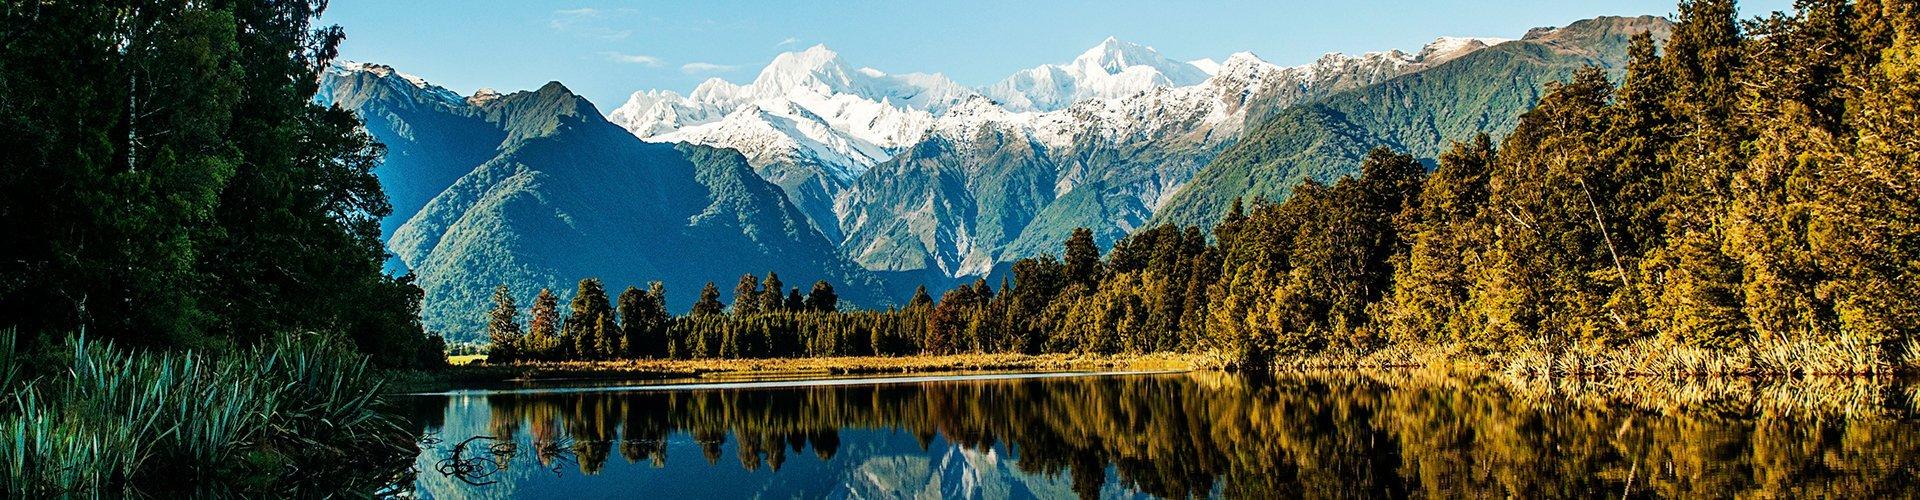 Familienurlaub in Neuseeland & Südsee